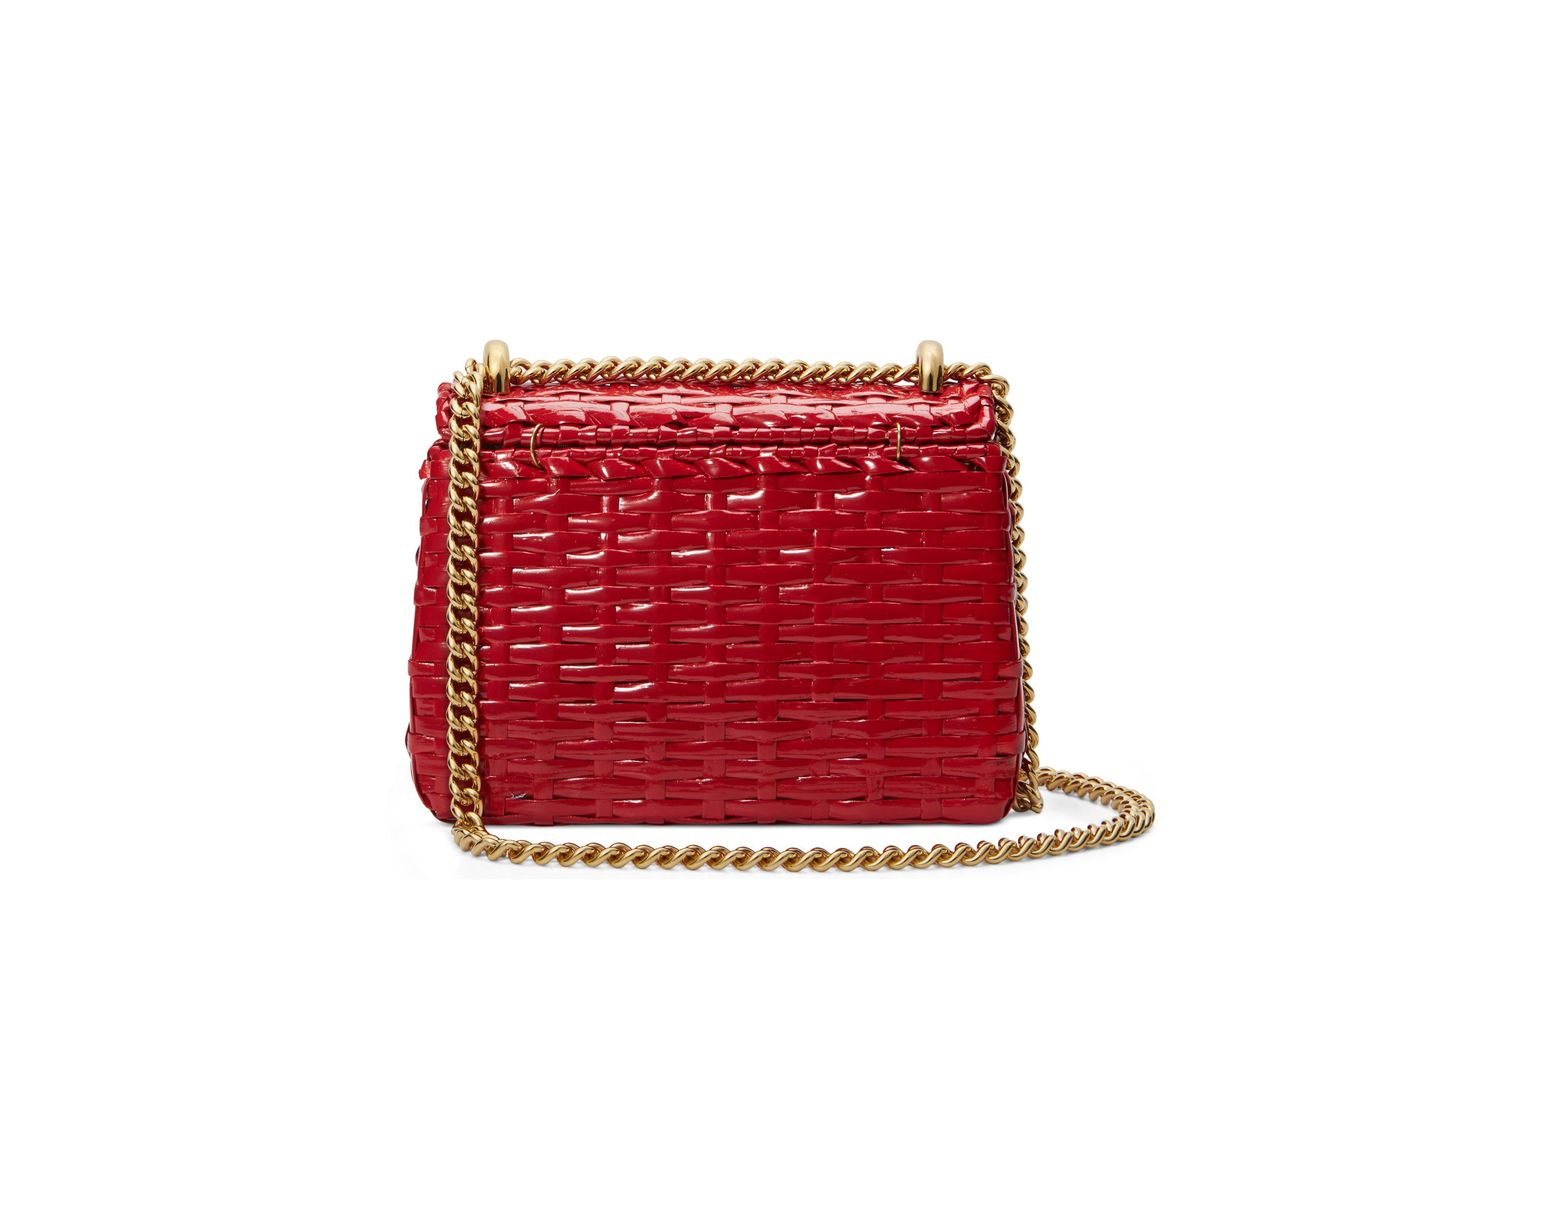 5e3a6c13b5a Lyst - Gucci Small Linea Cestino Glazed Wicker Shoulder Bag in Red